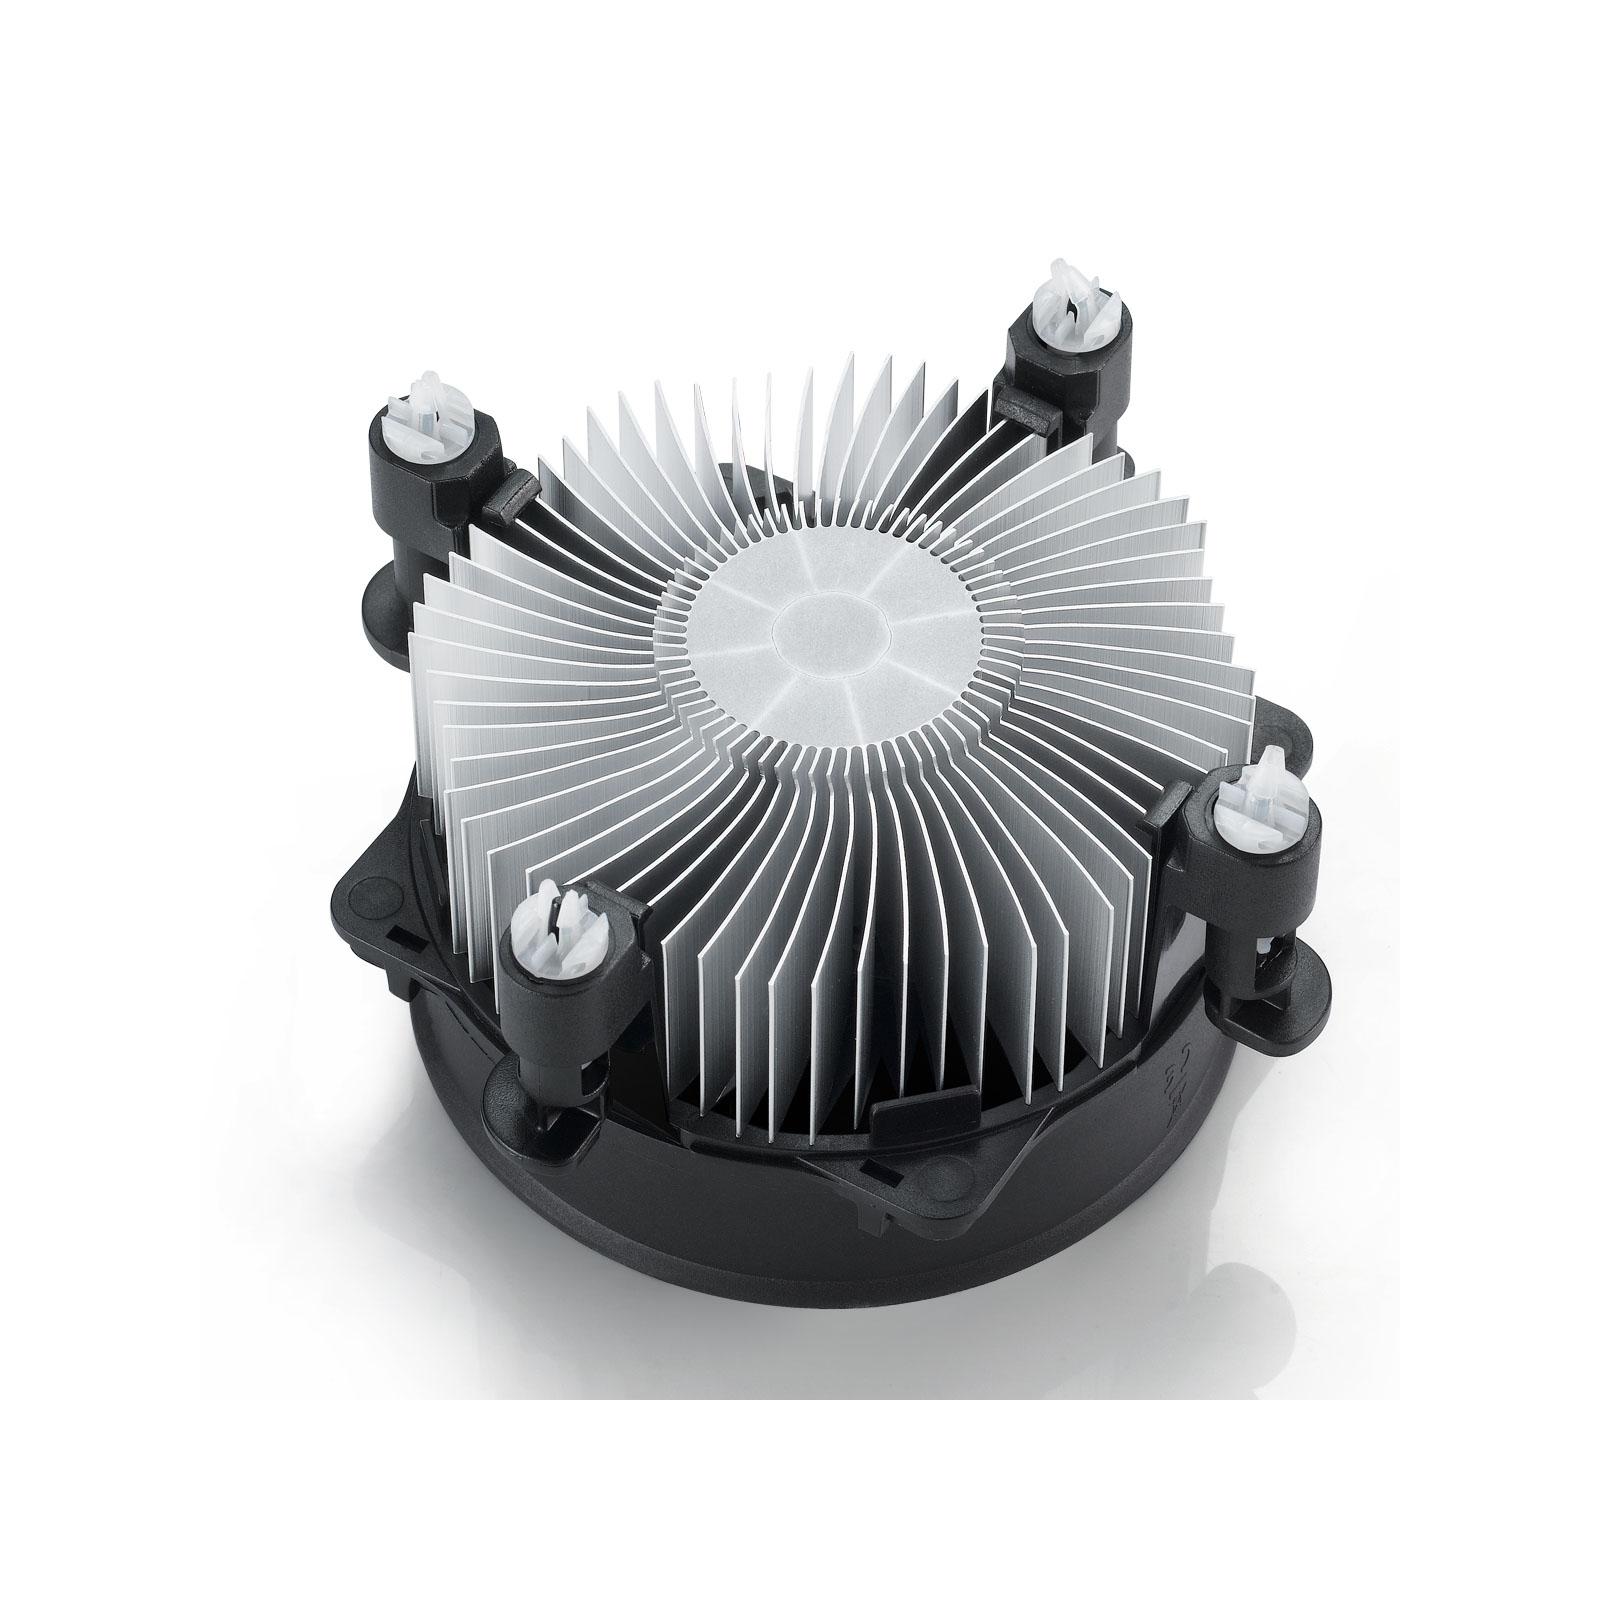 Кулер для процессора Deepcool ALTA 9 изображение 2